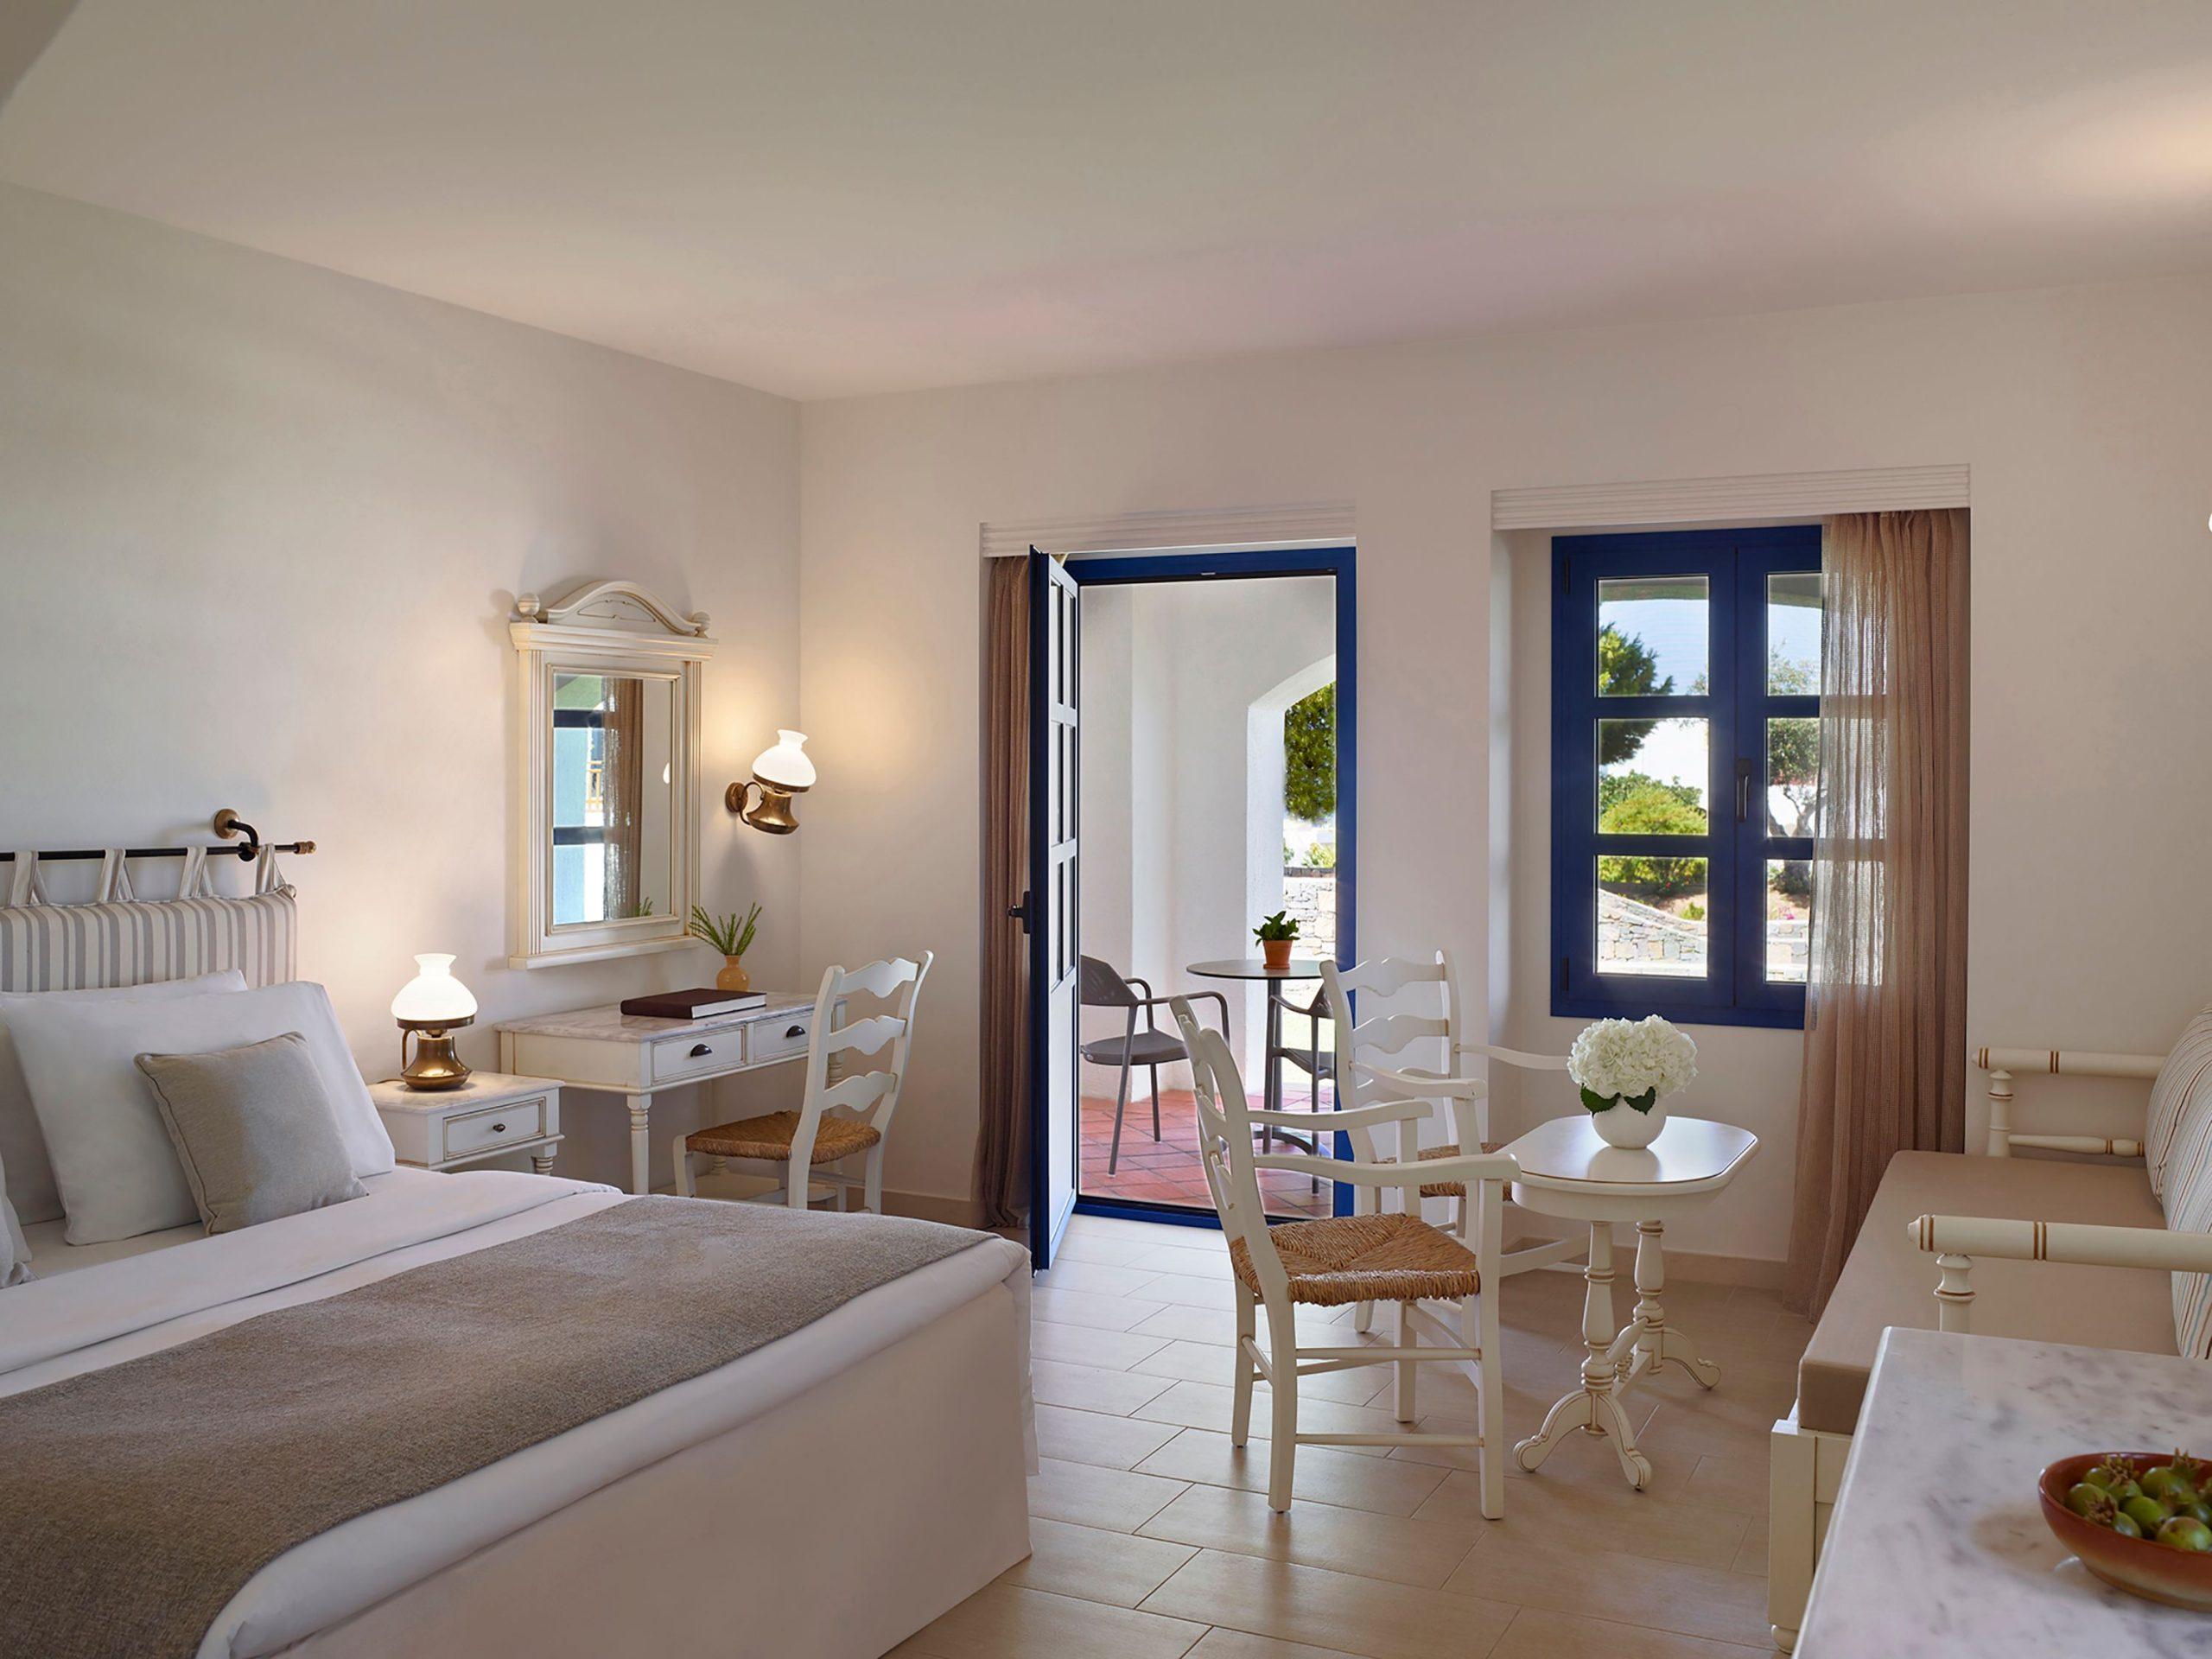 Hotel Creta Maris Beach Resort, Kreta - Deluxe Garden View Room